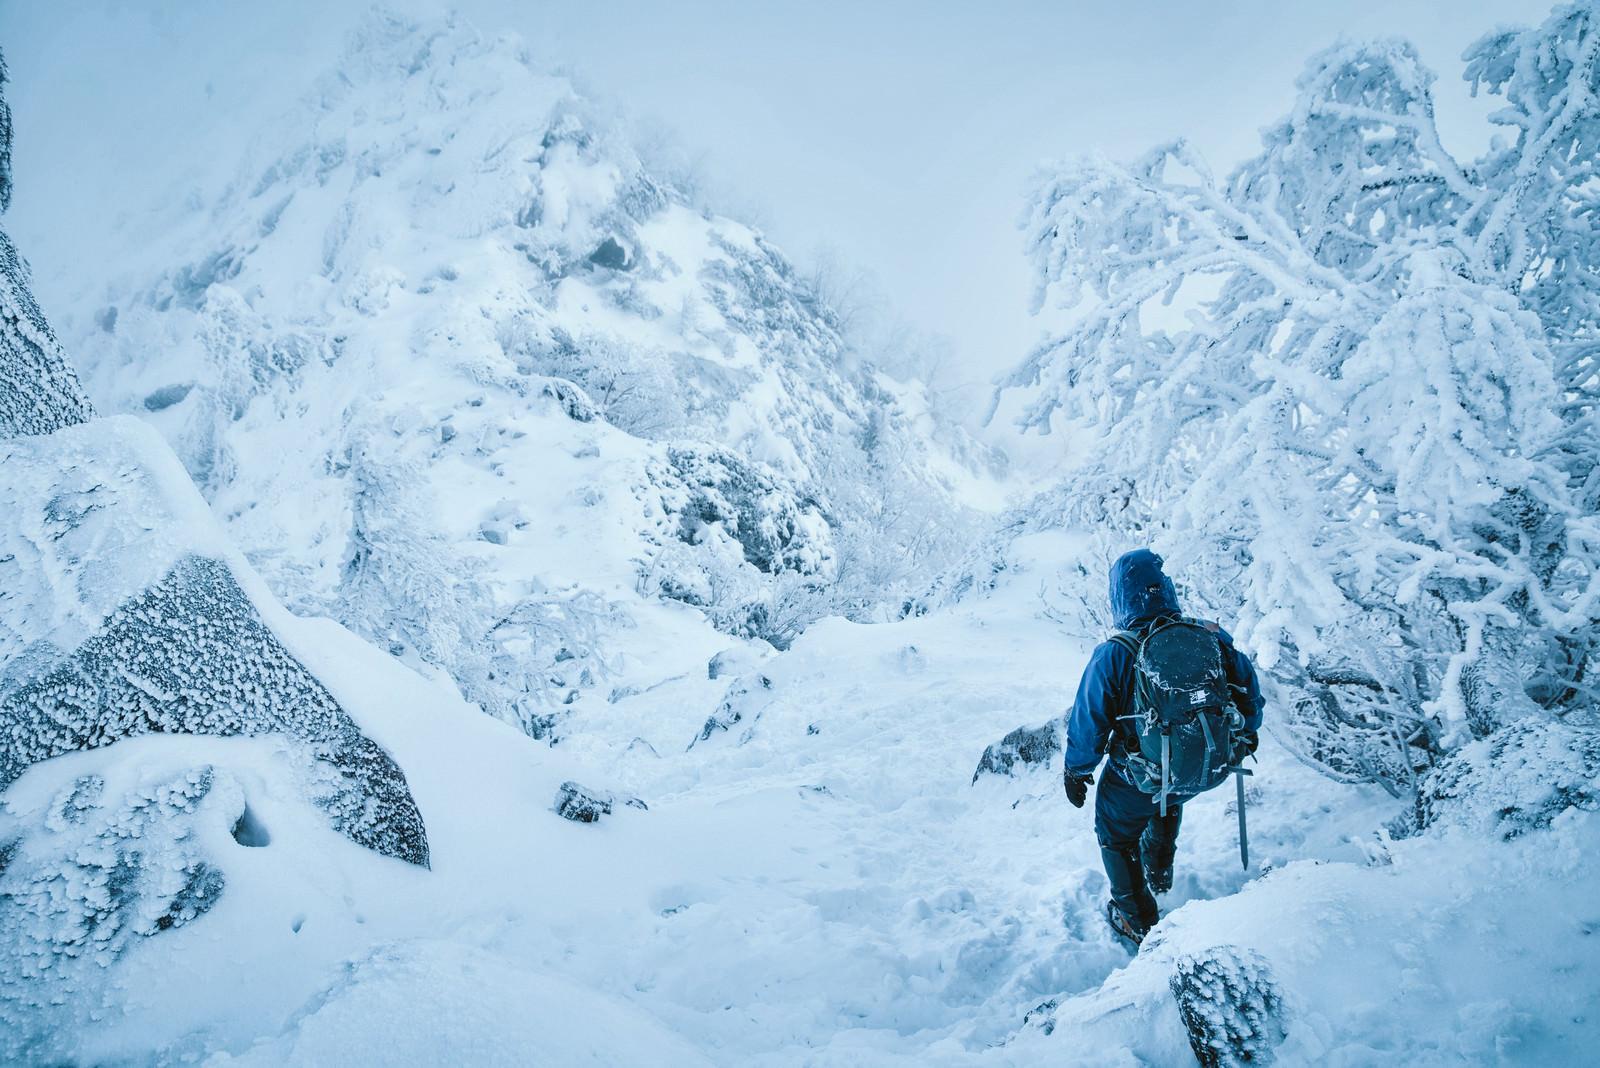 「吹雪く雪山を下山する登山者」の写真